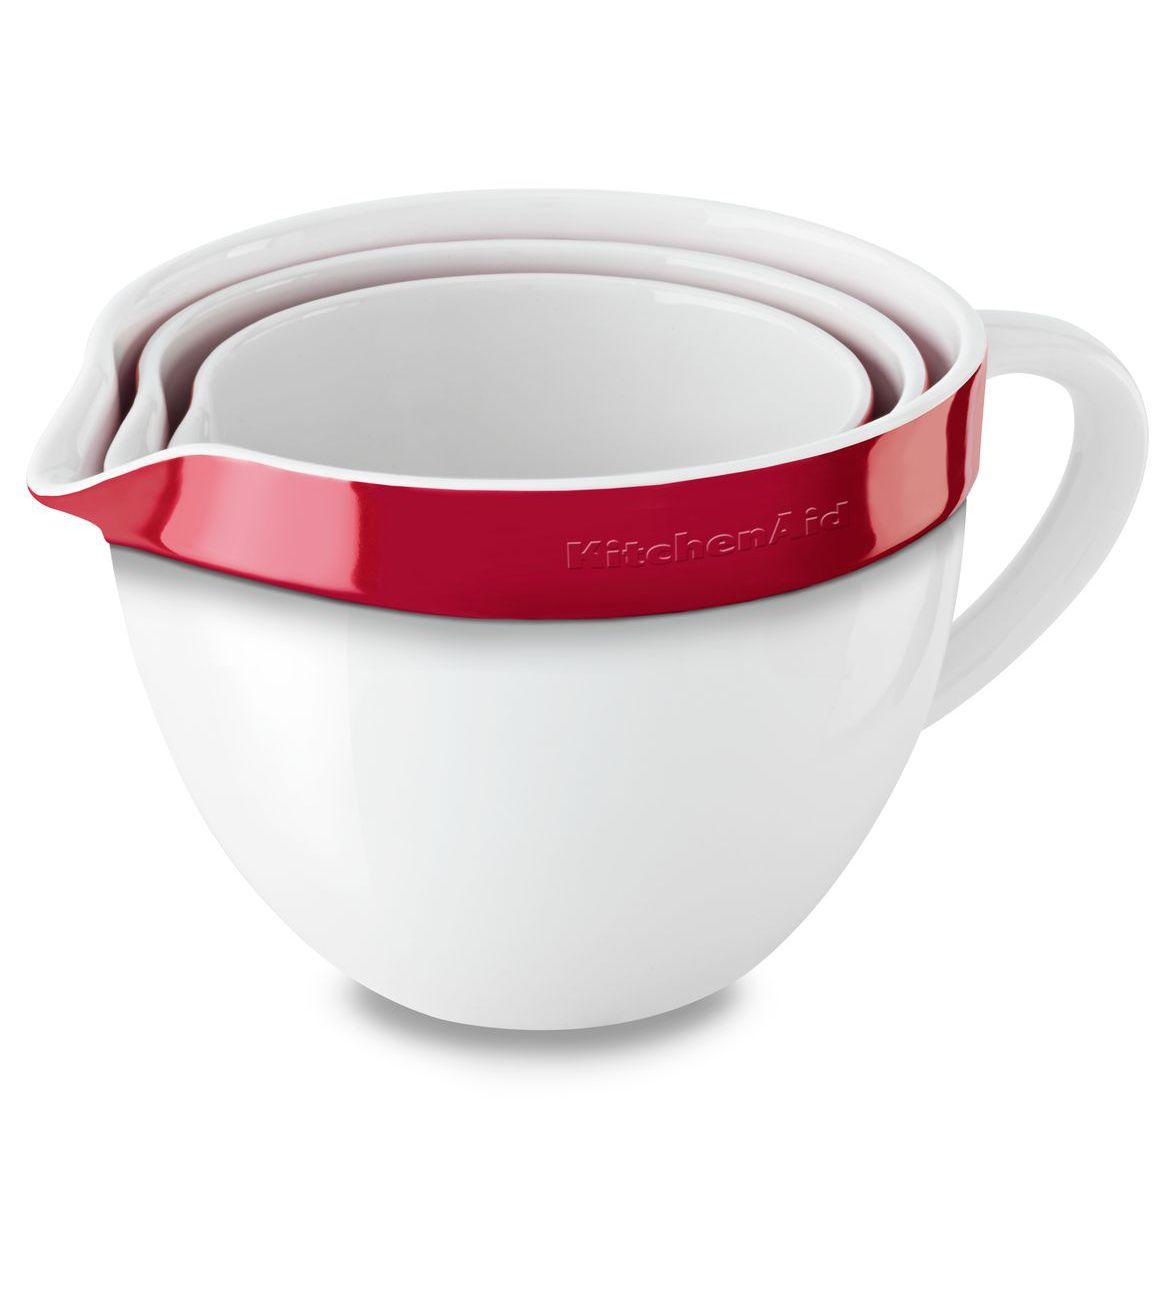 Набор керамических чаш с ручкой для смешивания и запекания KitchenAid Ceramics, красный, 3 штуки KitchenAid KBLR03NBER фото 1